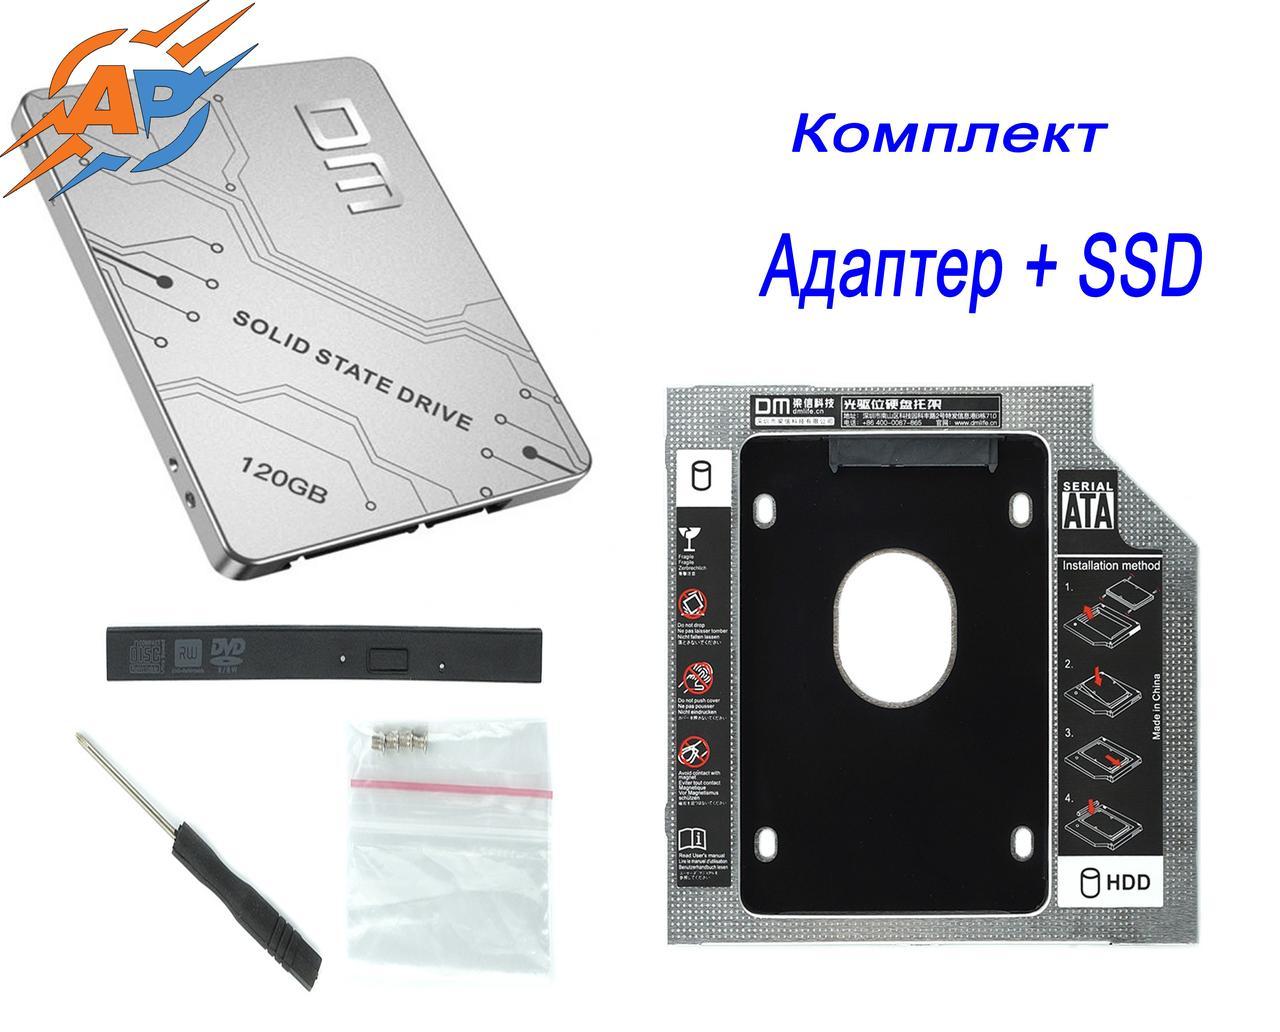 """Адаптер + SSD 2.5"""" 120GB SATA III 120GB (DMF500/240G) Твердотельный накопитель (жесткий) диск DM F500"""